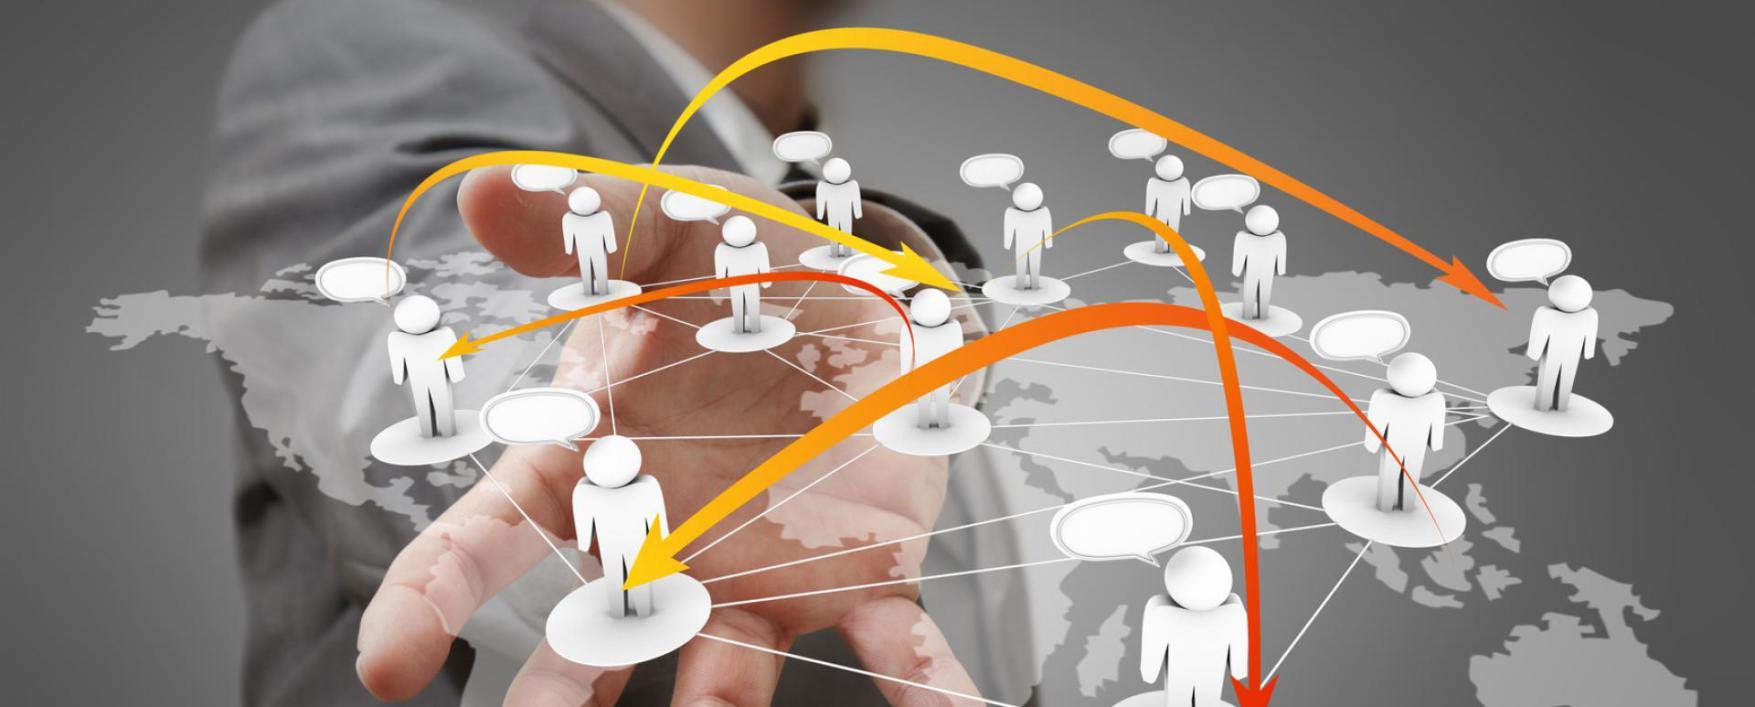 biznesmen-derzhit-v-ruke-sotsialnuyu-set-businessman-hand-holds-social-network-1755x707